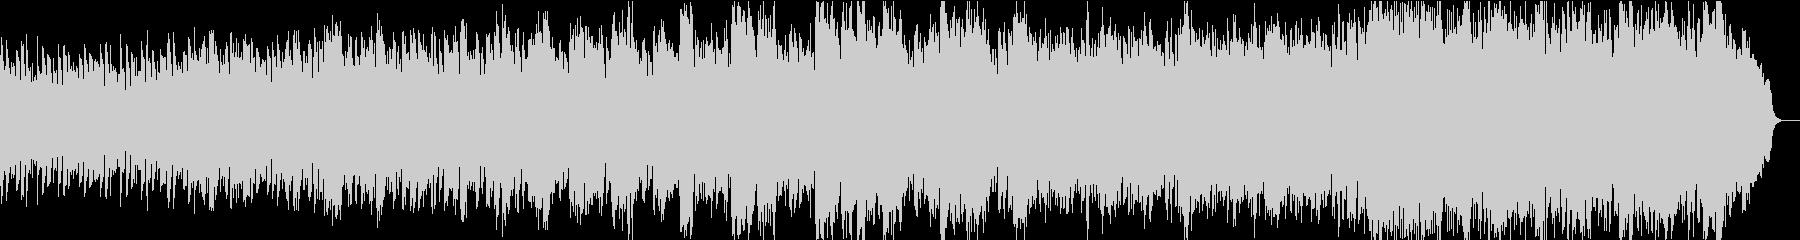 優しくつつむ感動ピアノ:高音弦抜きの未再生の波形